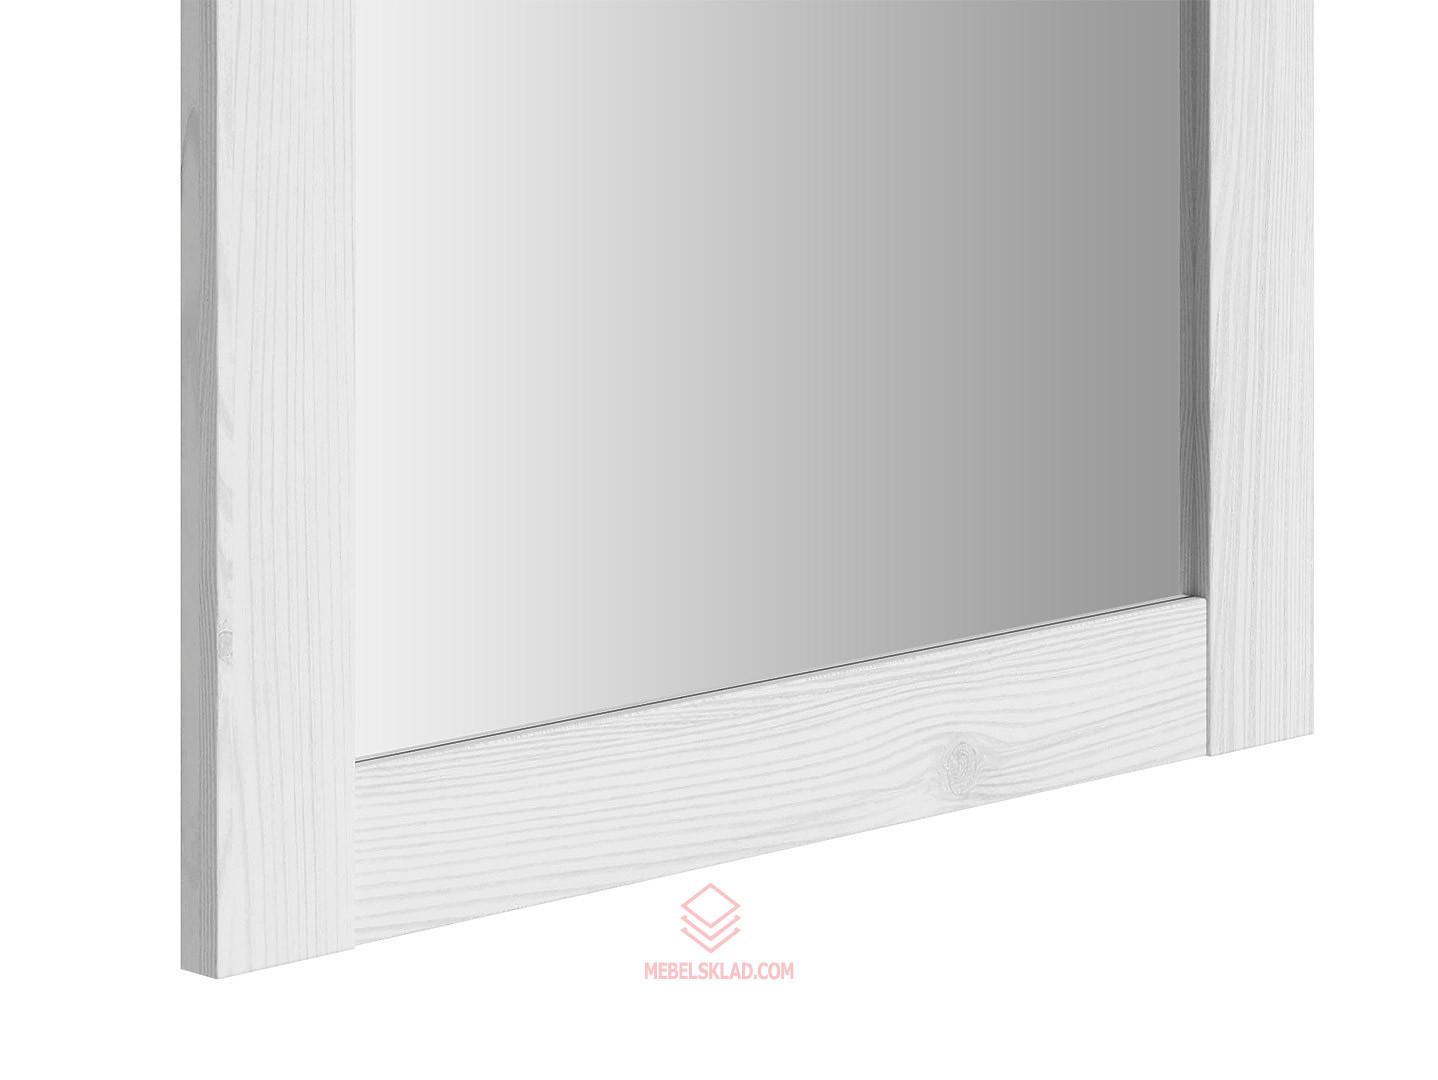 Зеркало LUS/50 джанни Porto за 2974 ₽